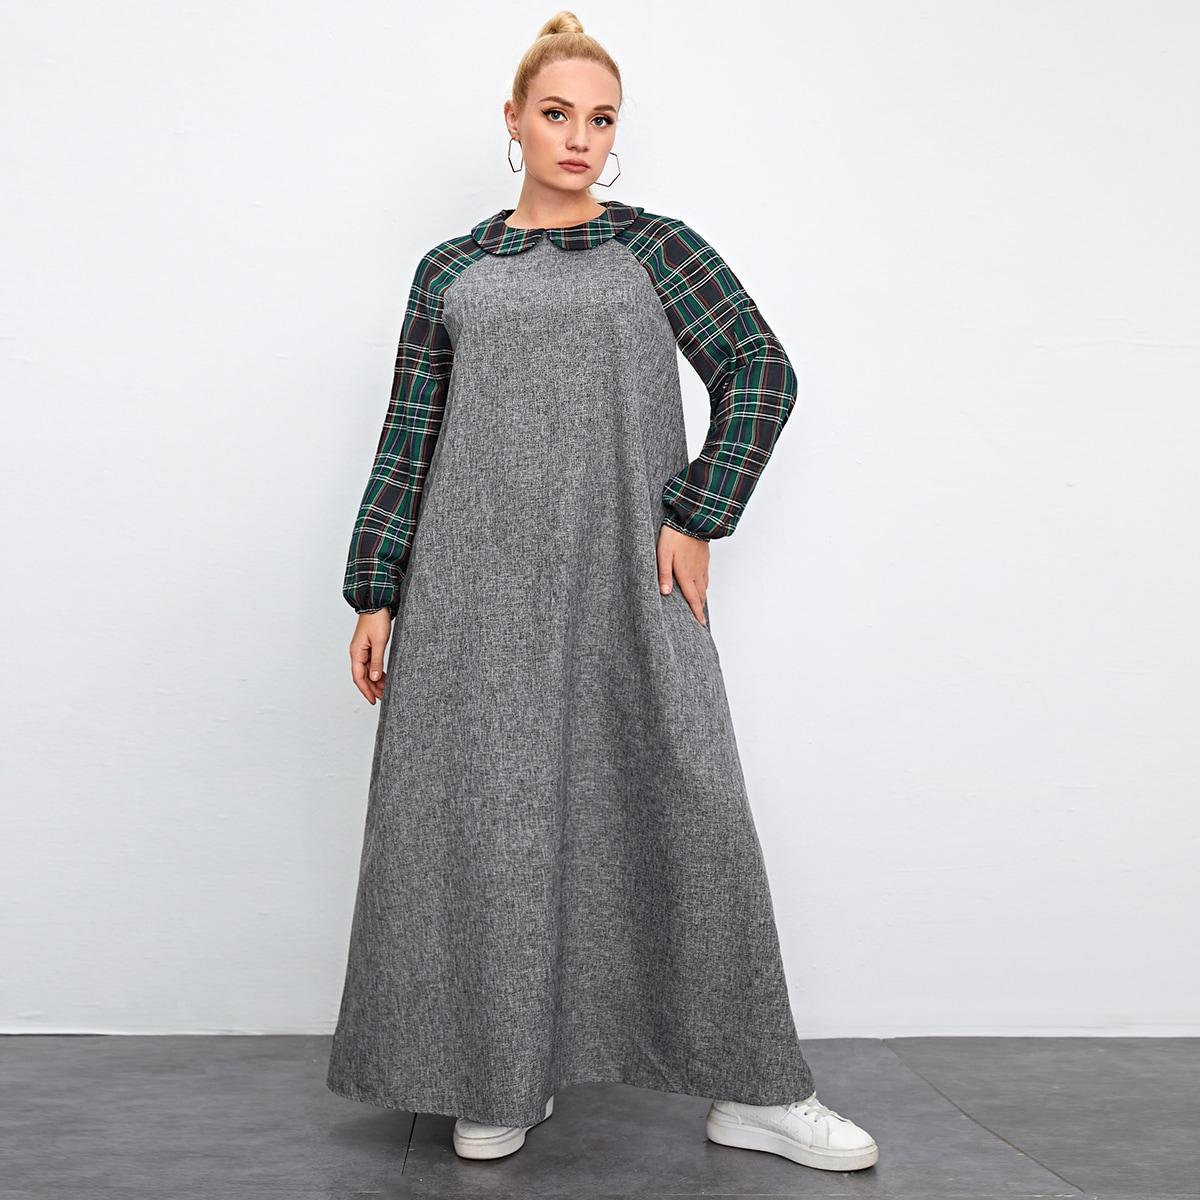 Контрастное платье размера плюс в клетку